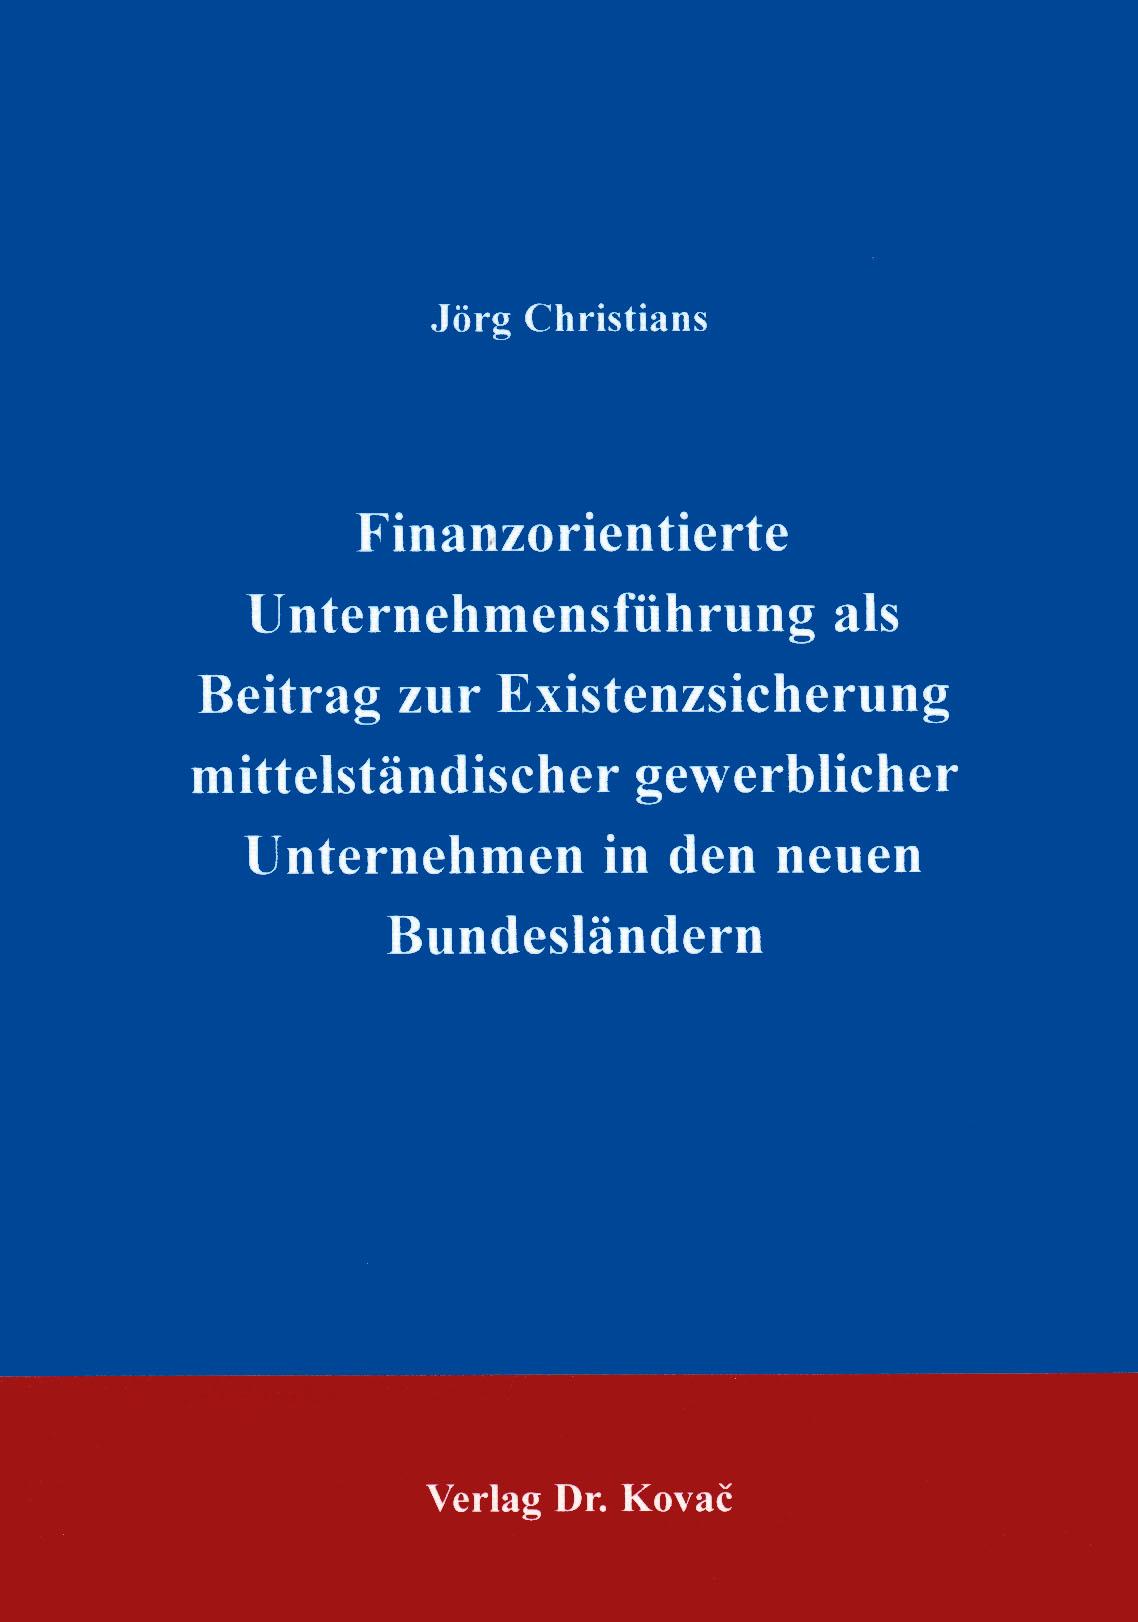 Cover: Finanzorientierte Unternehmensführung als Beitrag zur Existenzsicherung mittelständischer gewerblicher Unternehen in den neuen Bundesländern